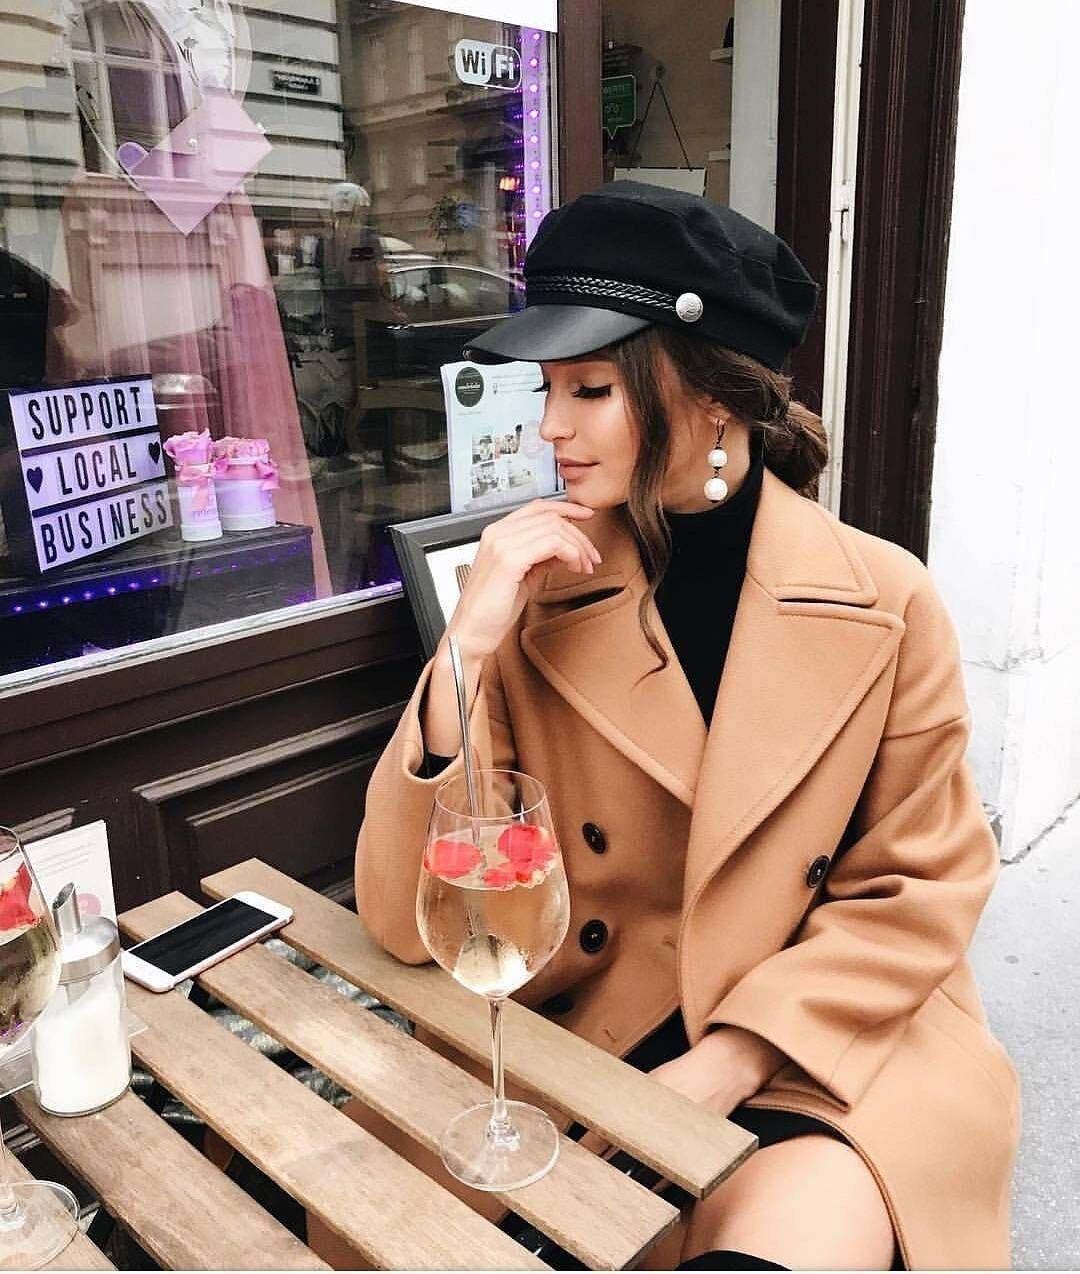 Zara Wool Camel Camel Camel Coat With Lapels Größe M - MEDIUM - UK 10 - BNWT | Kaufen  | München Online Shop  | Queensland  | Fein Verarbeitet  | Genialität  018264